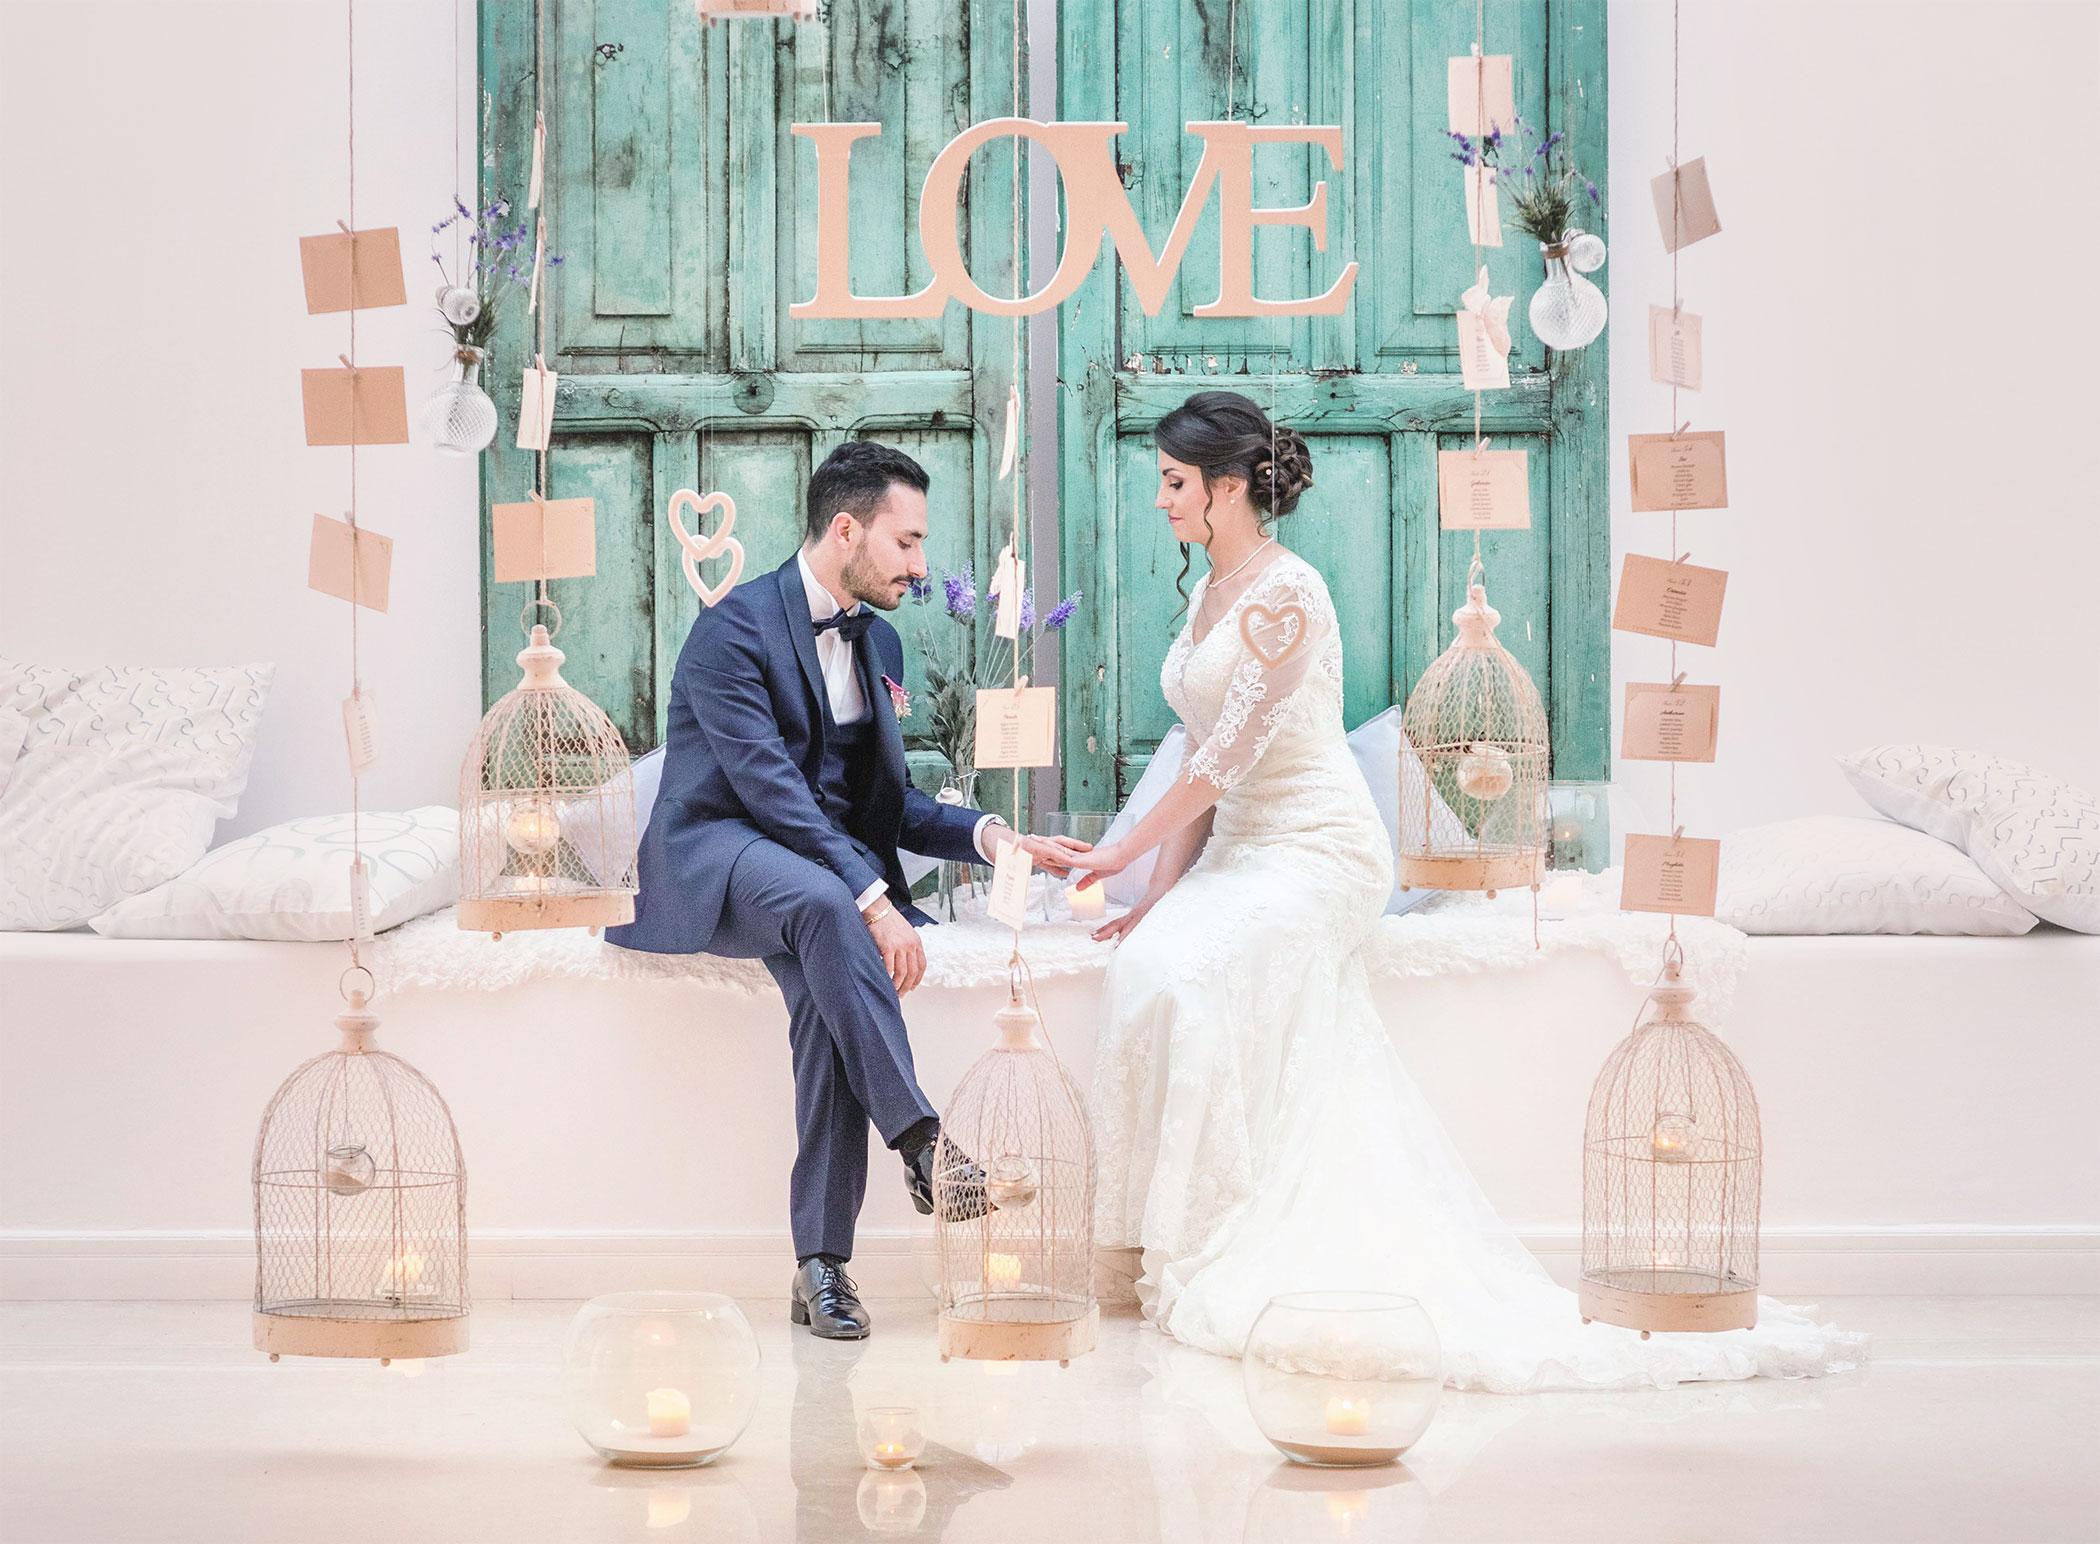 Matrimoni, aumenta la spesa per festeggiare al Sud